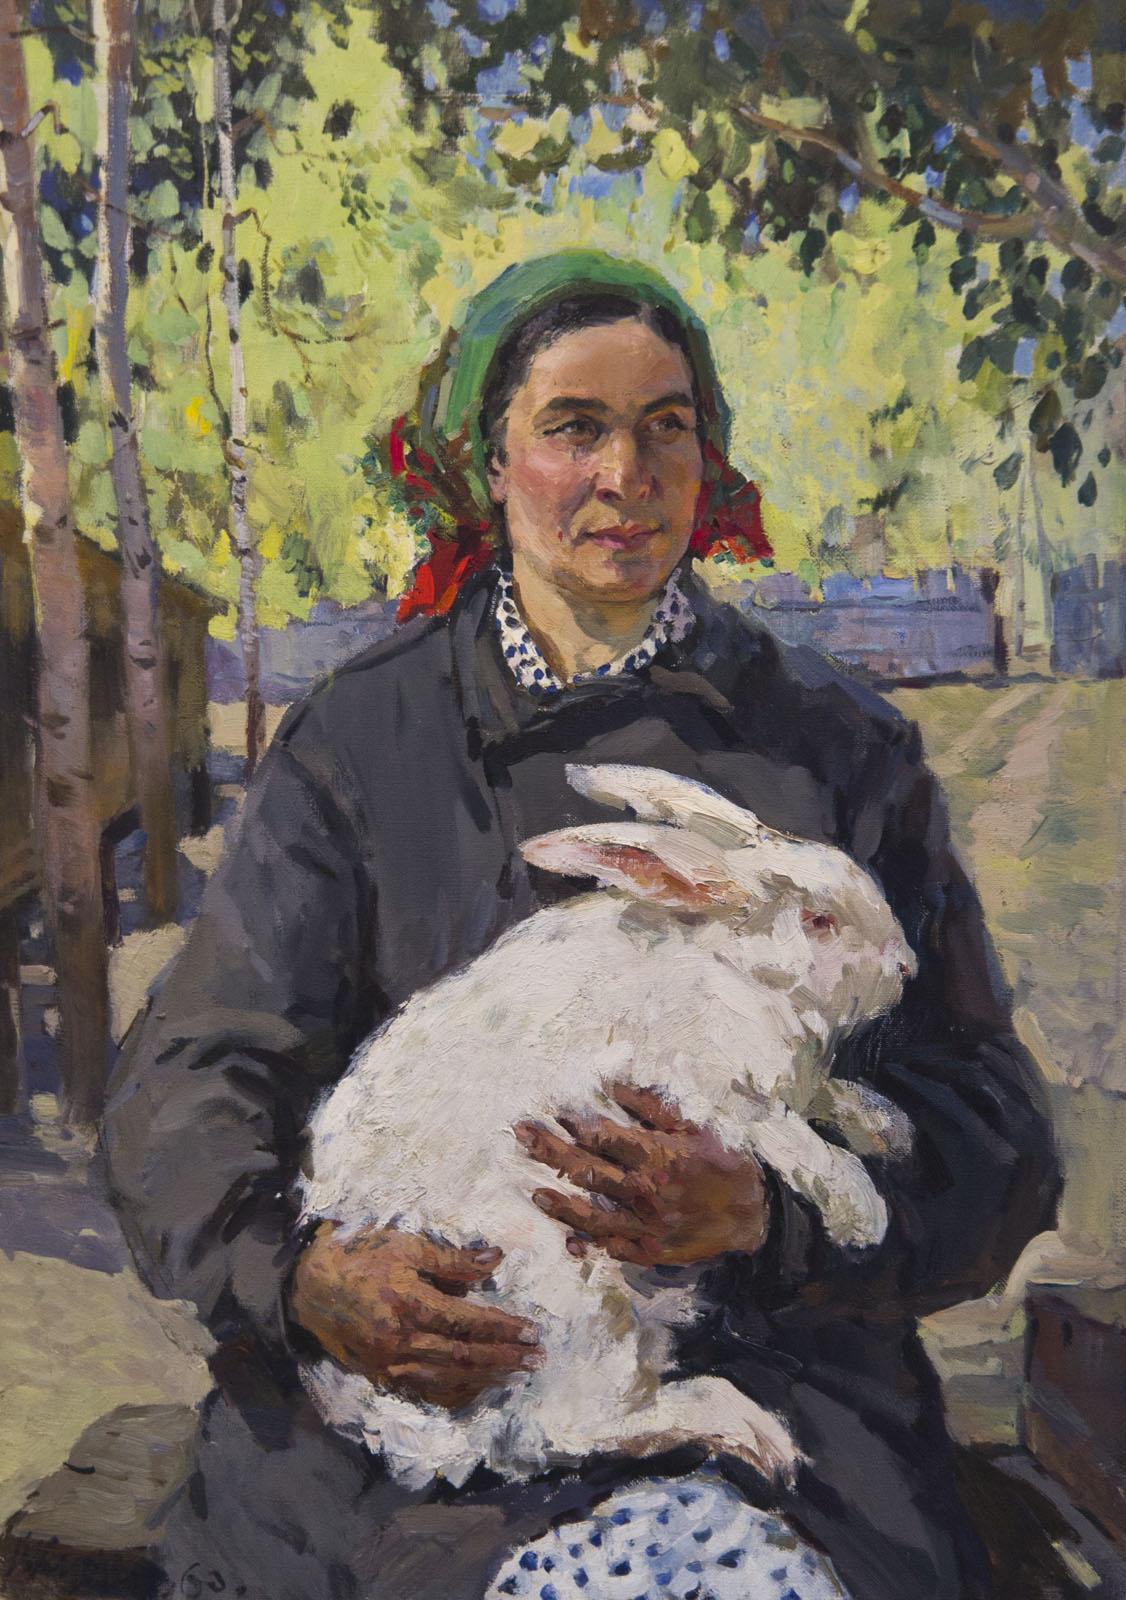 Фото №75666. Портрет бригадира кролиководческой фермы Е.П.Макаровой, 1960, холст, масло